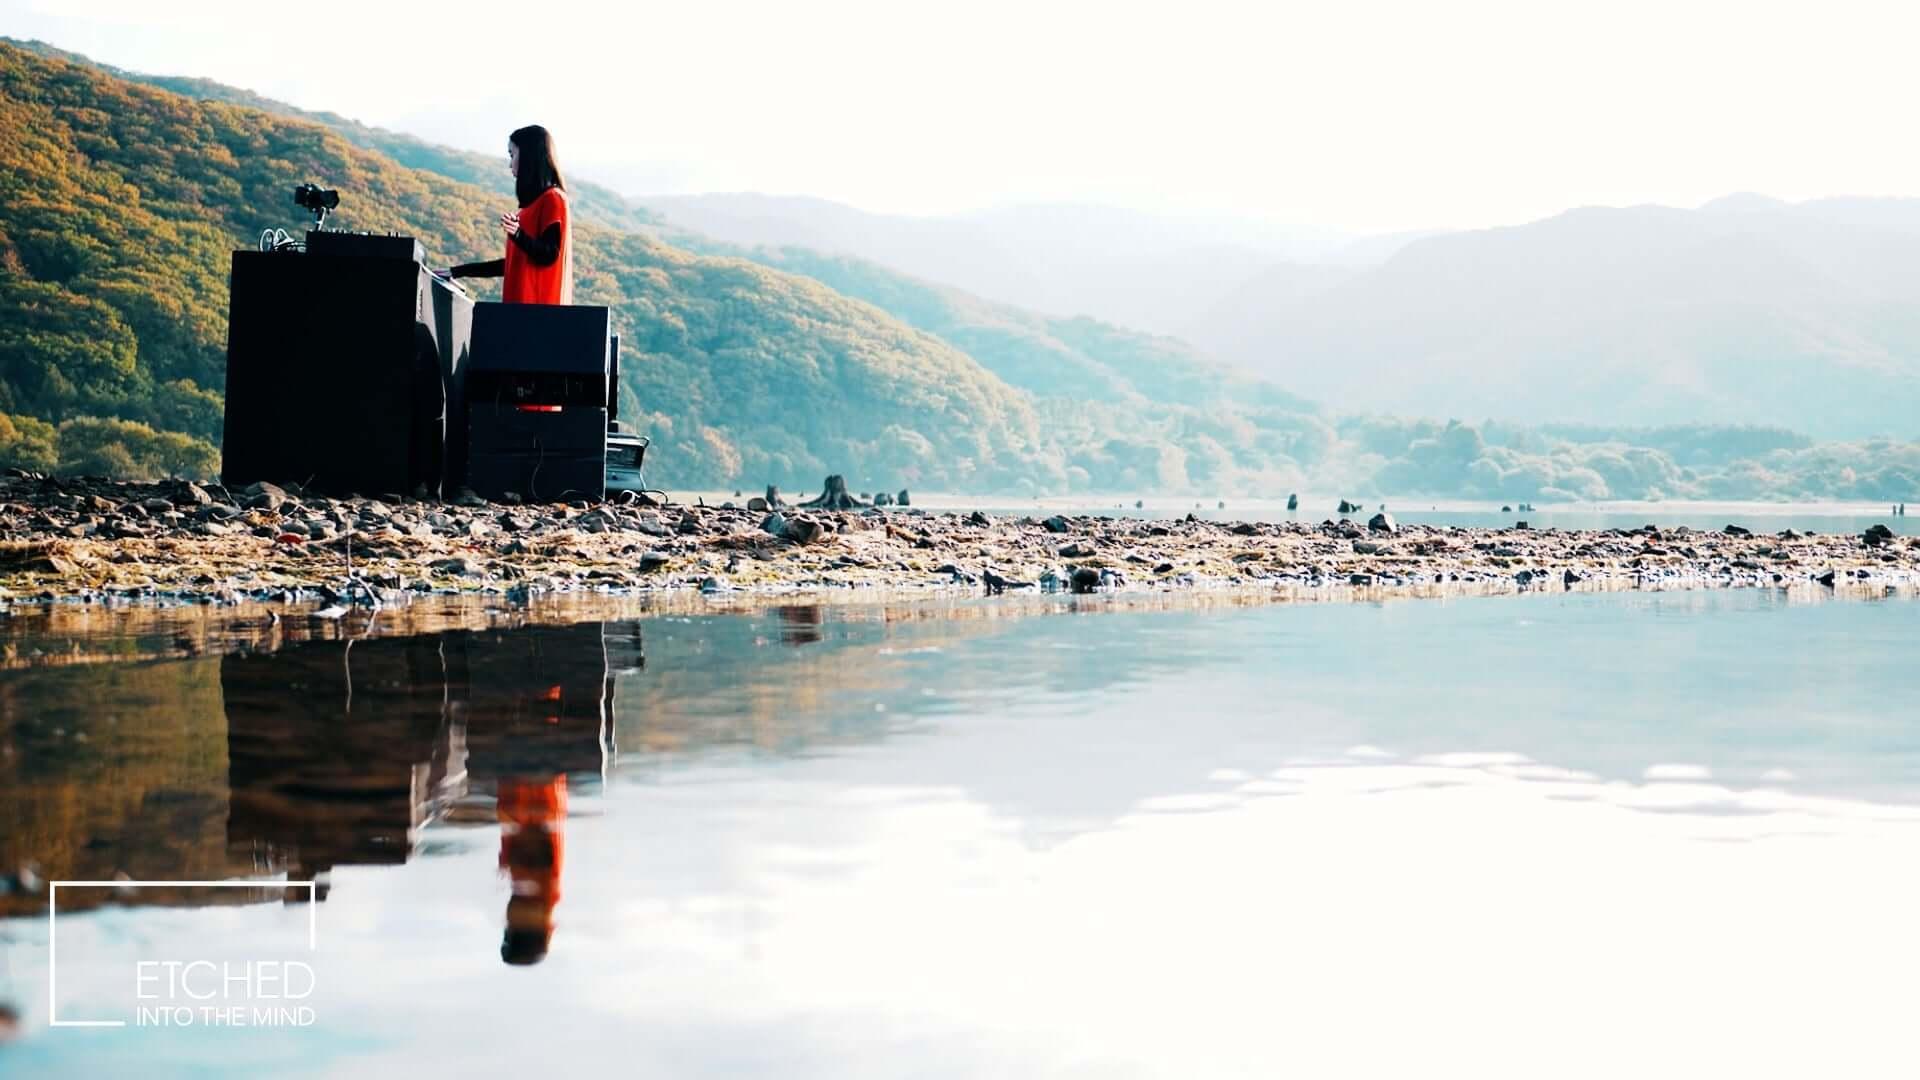 日本の風景&音楽を発信するアートプロジェクト「ETCHED」にSakura Tsurutaが登場!4Kのライブ映像が無料公開 music201120_etched_5-1920x1080